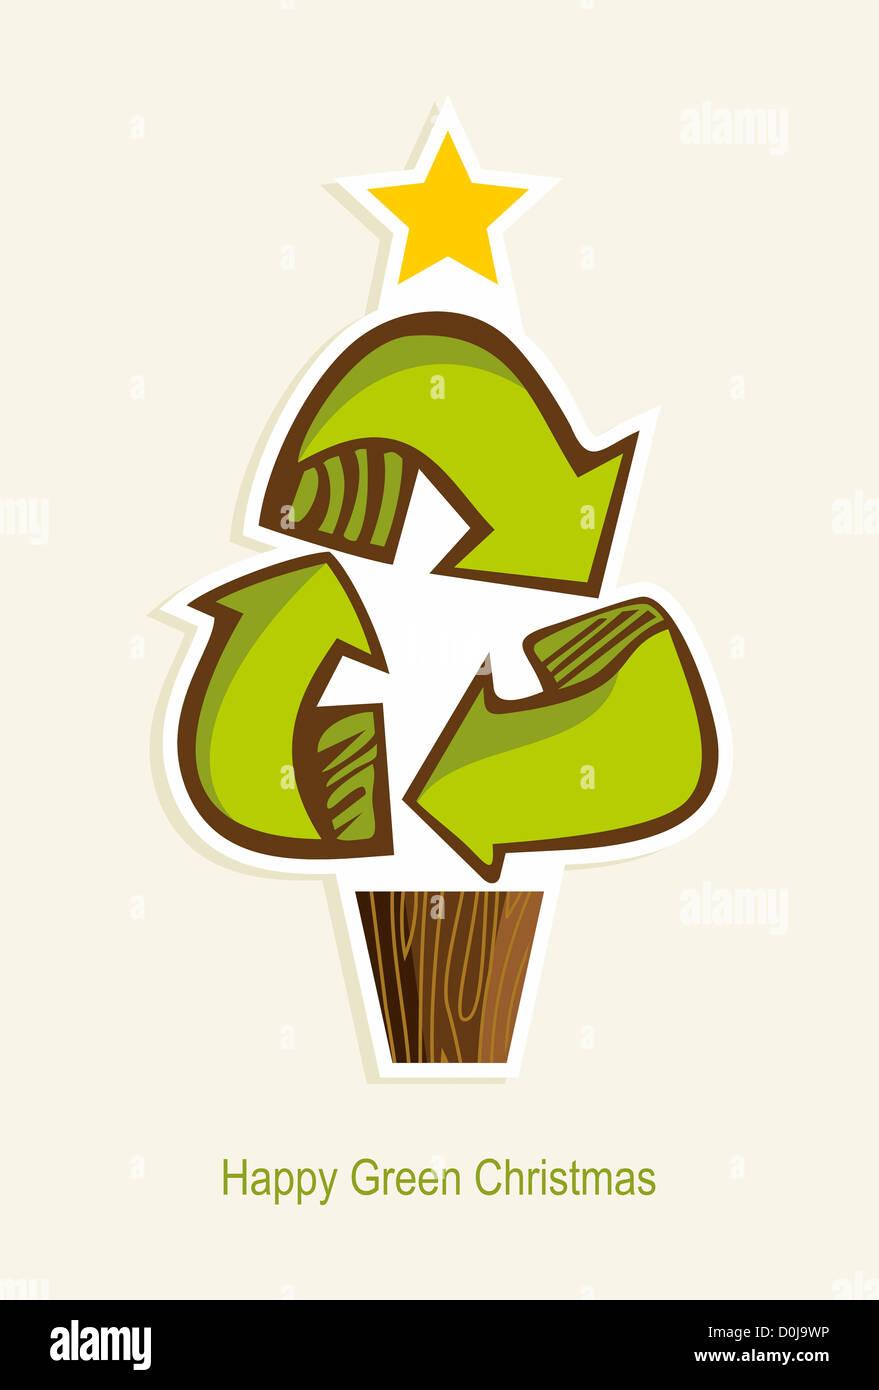 Verde Simbolo Di Riciclo Albero Di Natale In Stile Cartoon